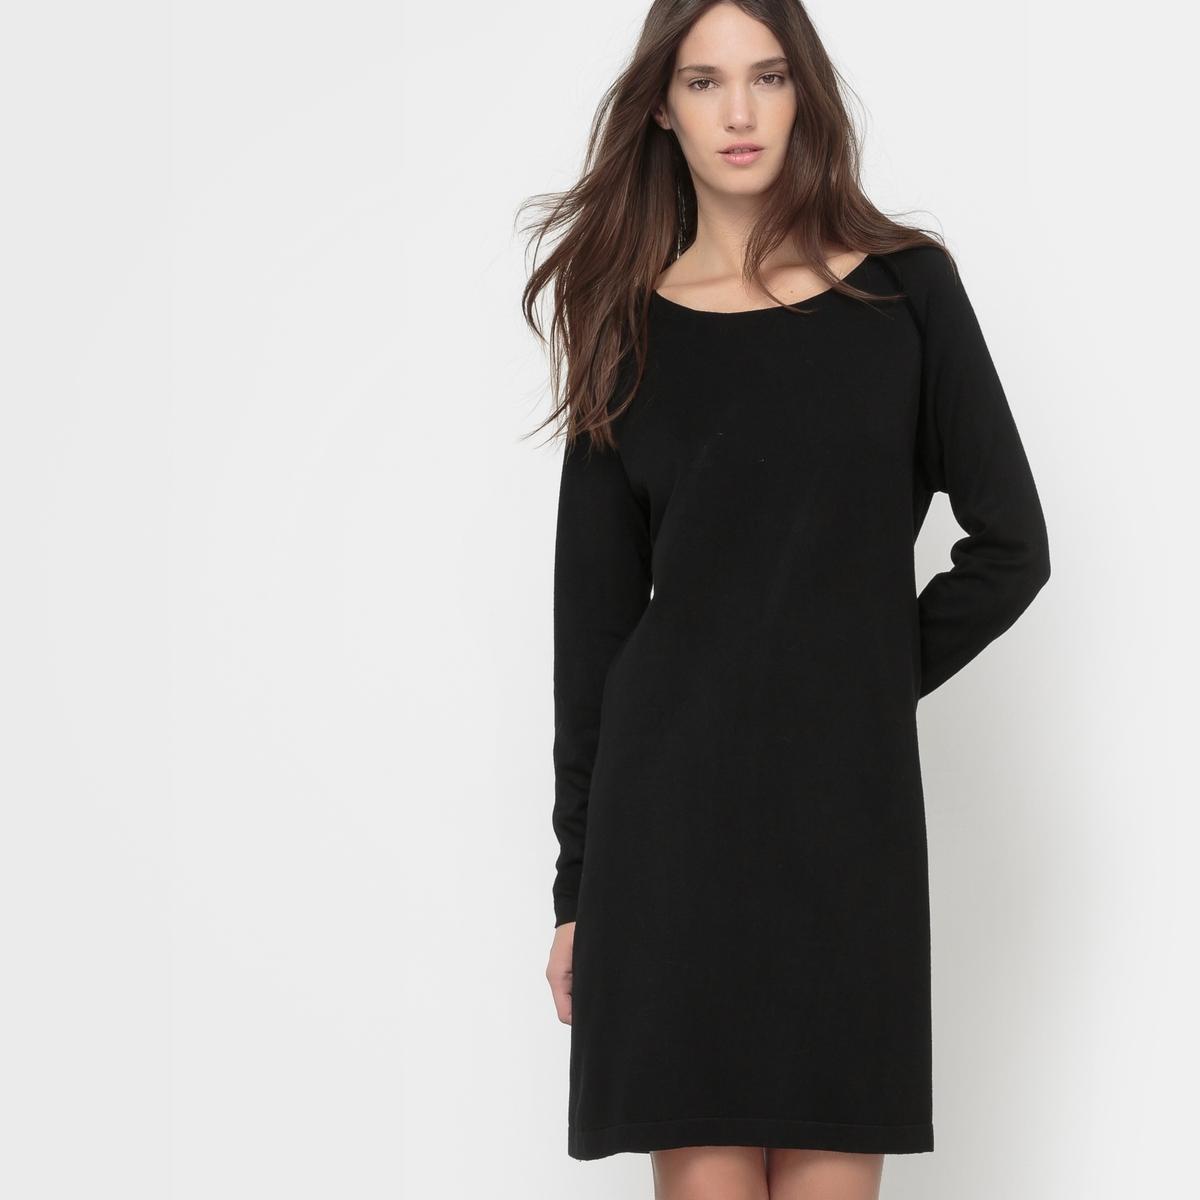 Платье с длинными рукавамиСостав &amp; ДеталиМатериал        80% вискозы, 20% Нейлона®       Марка        VERO MODA                     Уход       Следуйте рекомендациям по уходу, указанным на этикетке изделия.<br><br>Цвет: черный<br>Размер: S